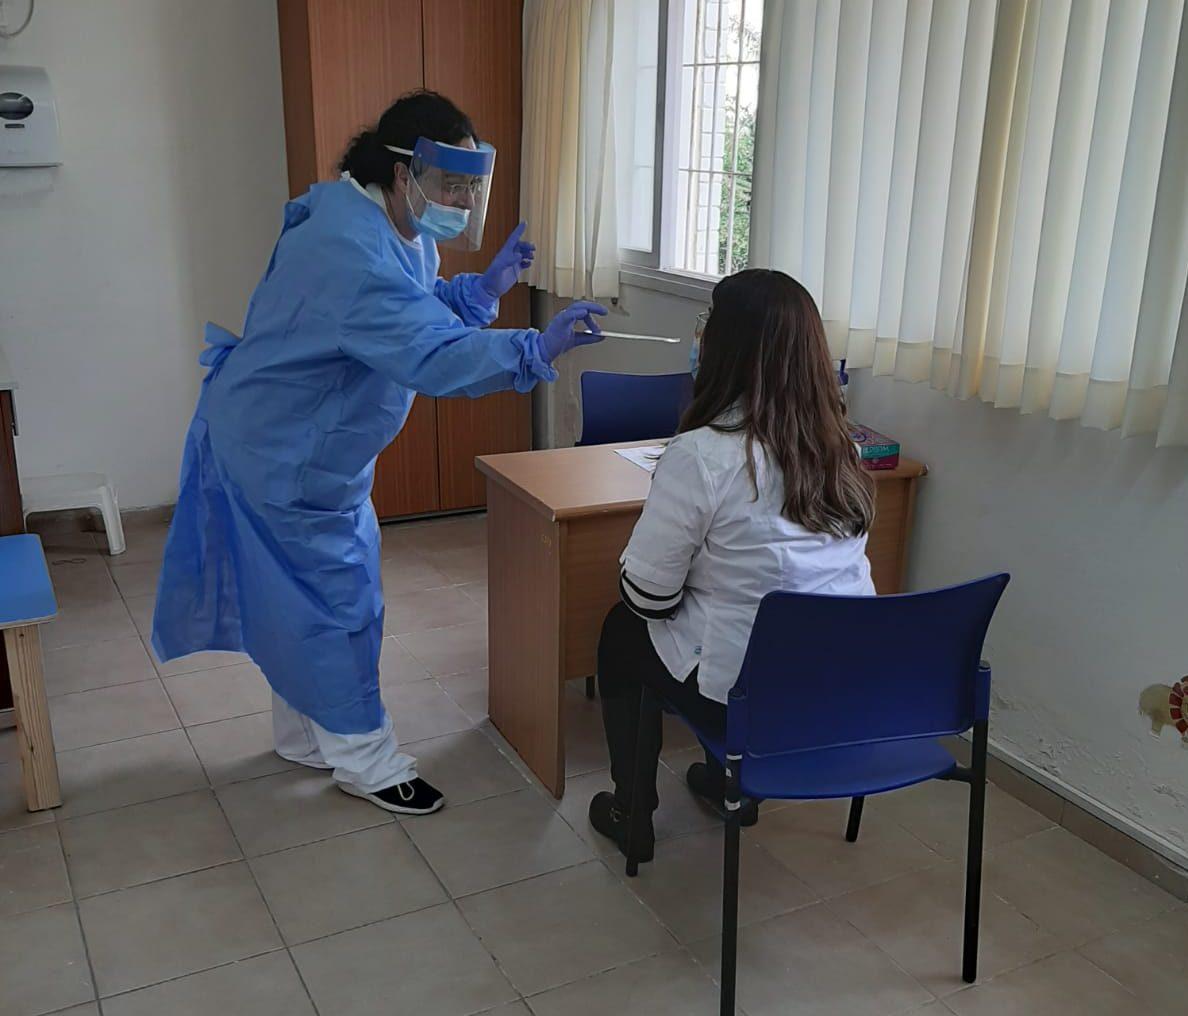 משרד הבריאות פרסם מסלולים נוספים לחולי קורונה מאומתים באור יהודה